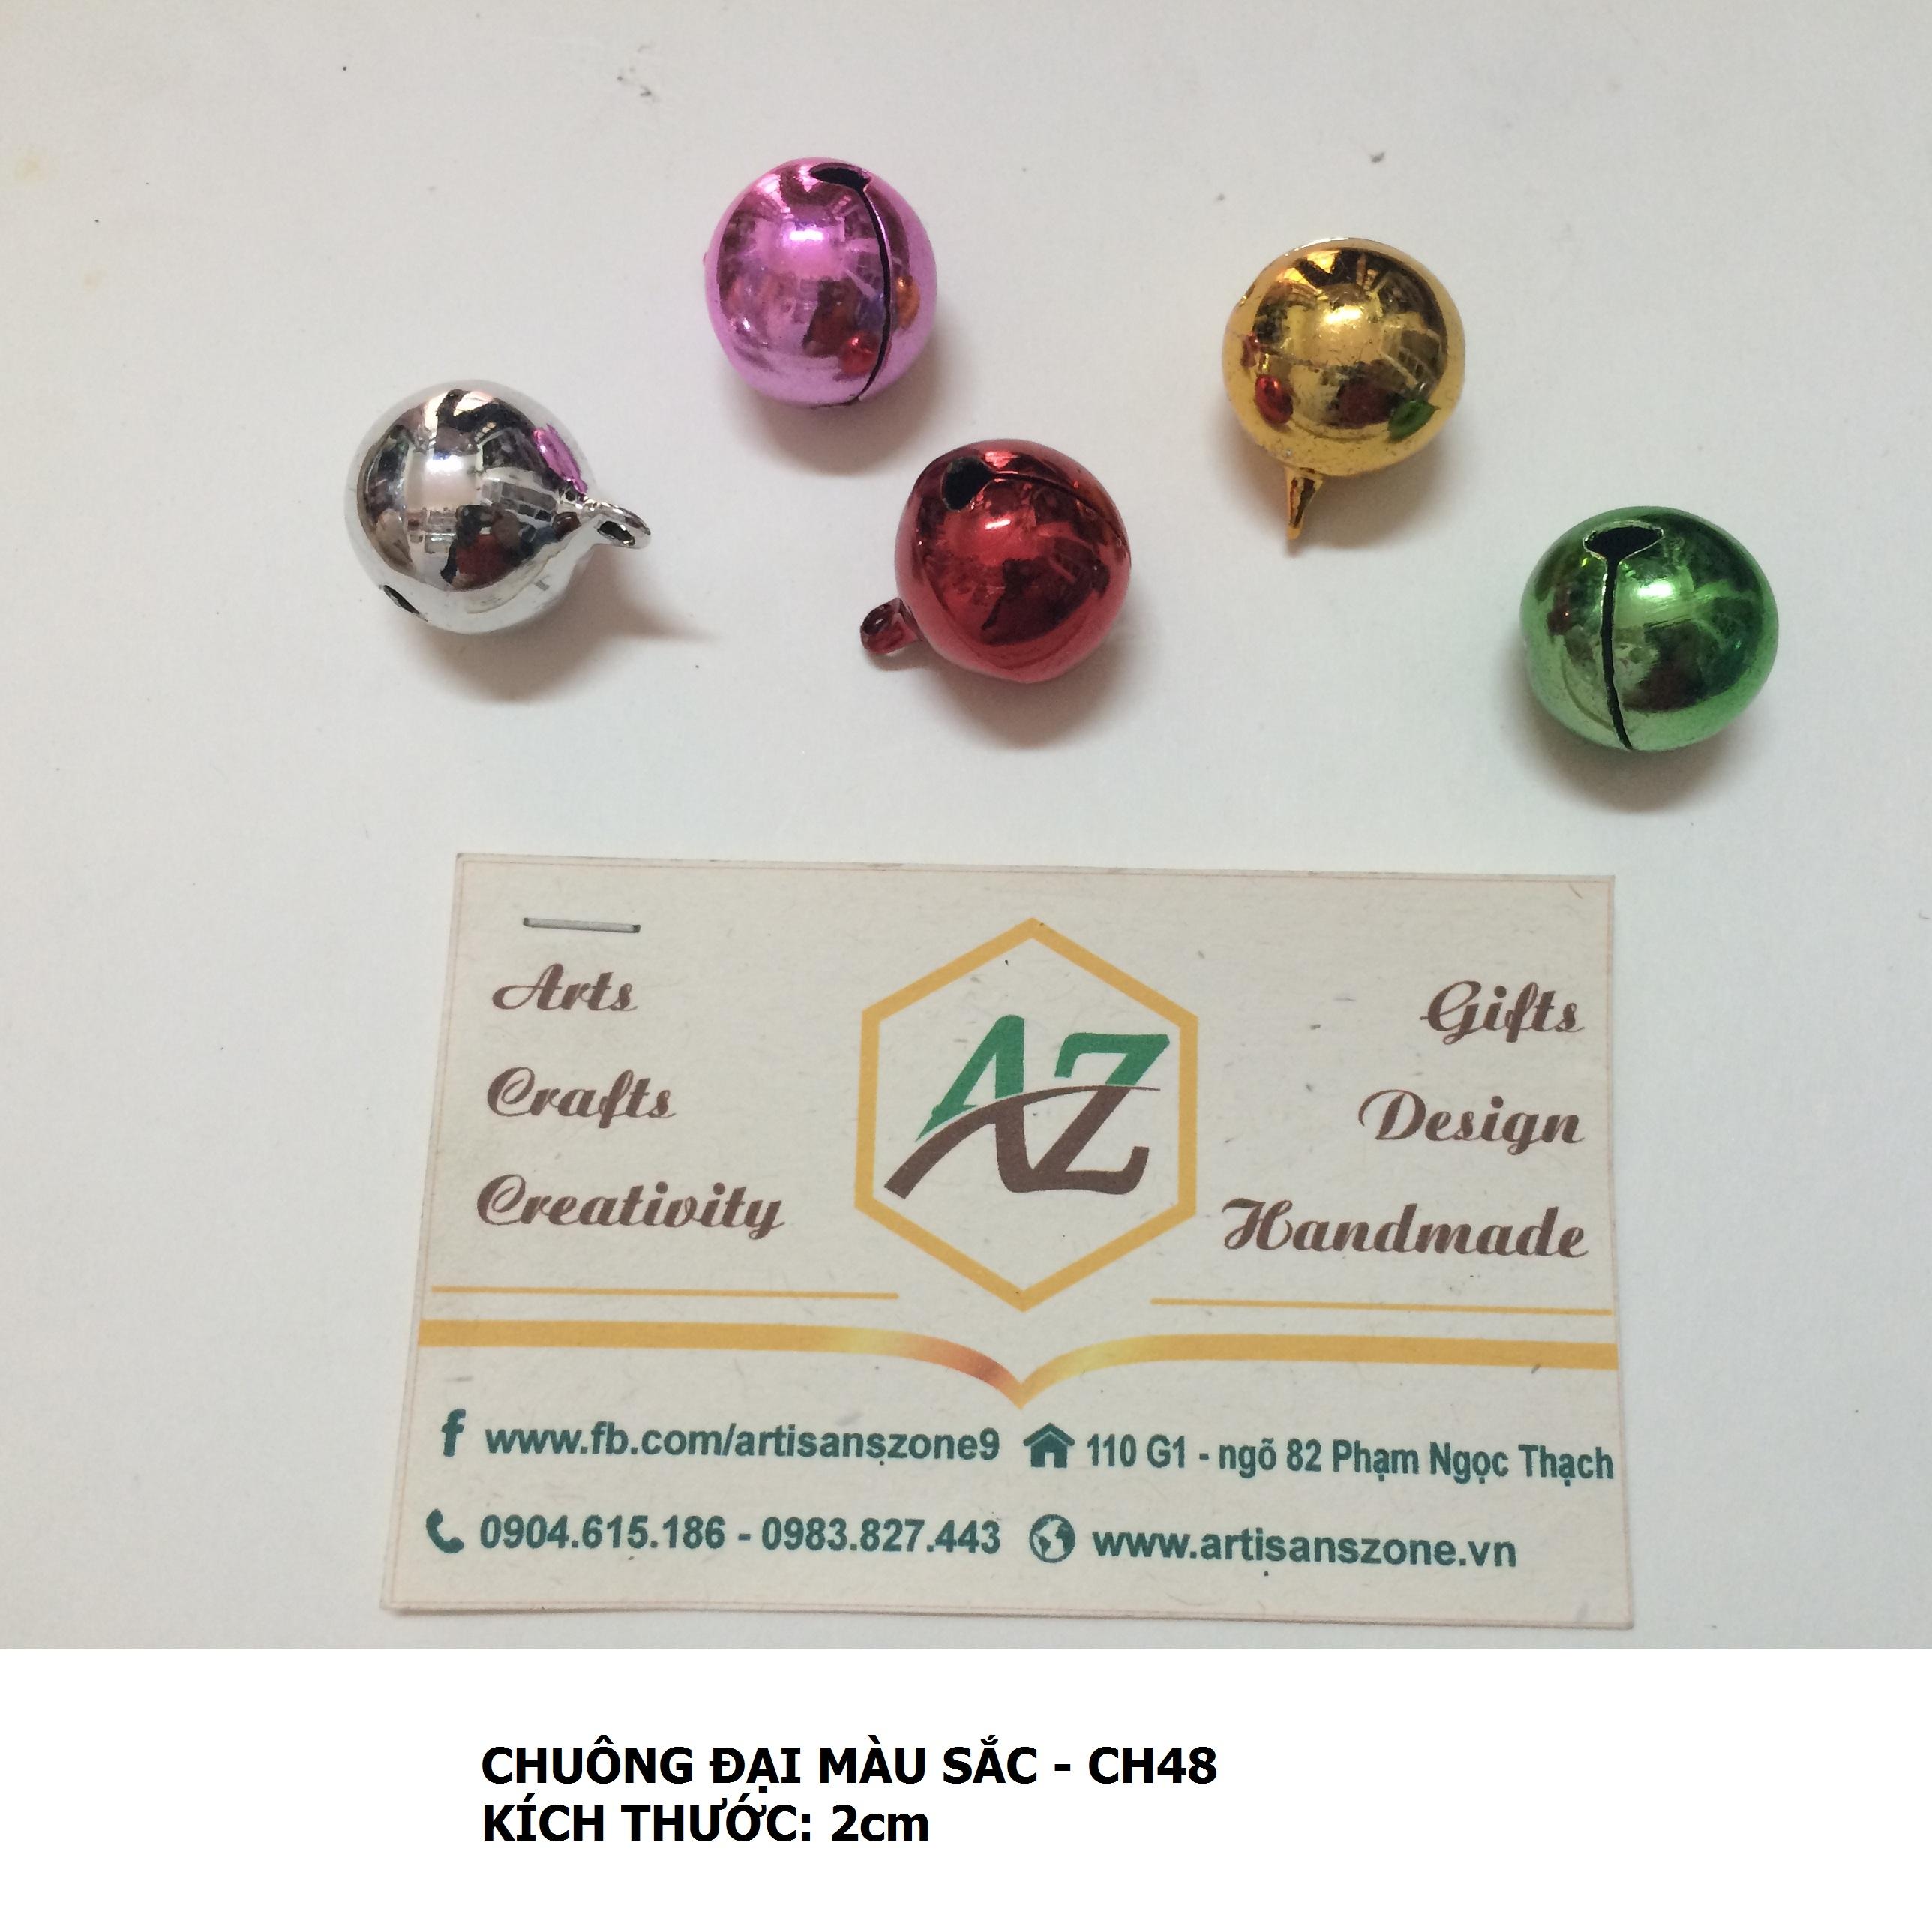 Chuông đại nhiều màu 05 chiếc (1,8cm)_CH48